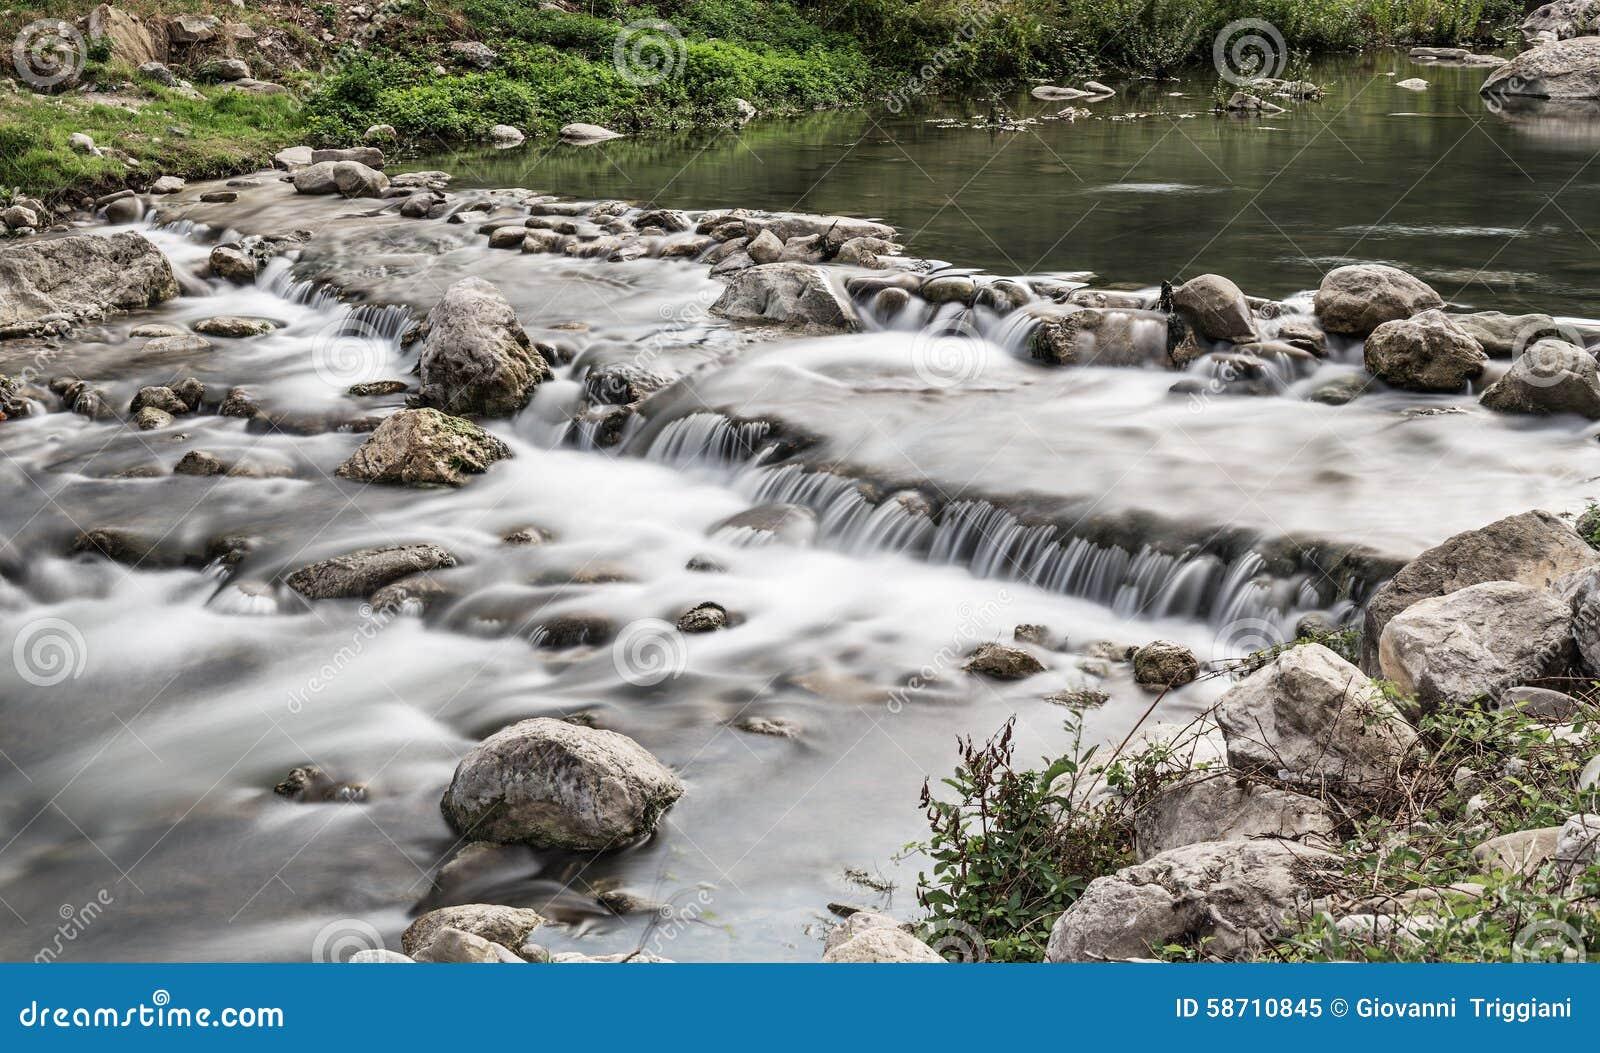 Сериал река торрент скачать.